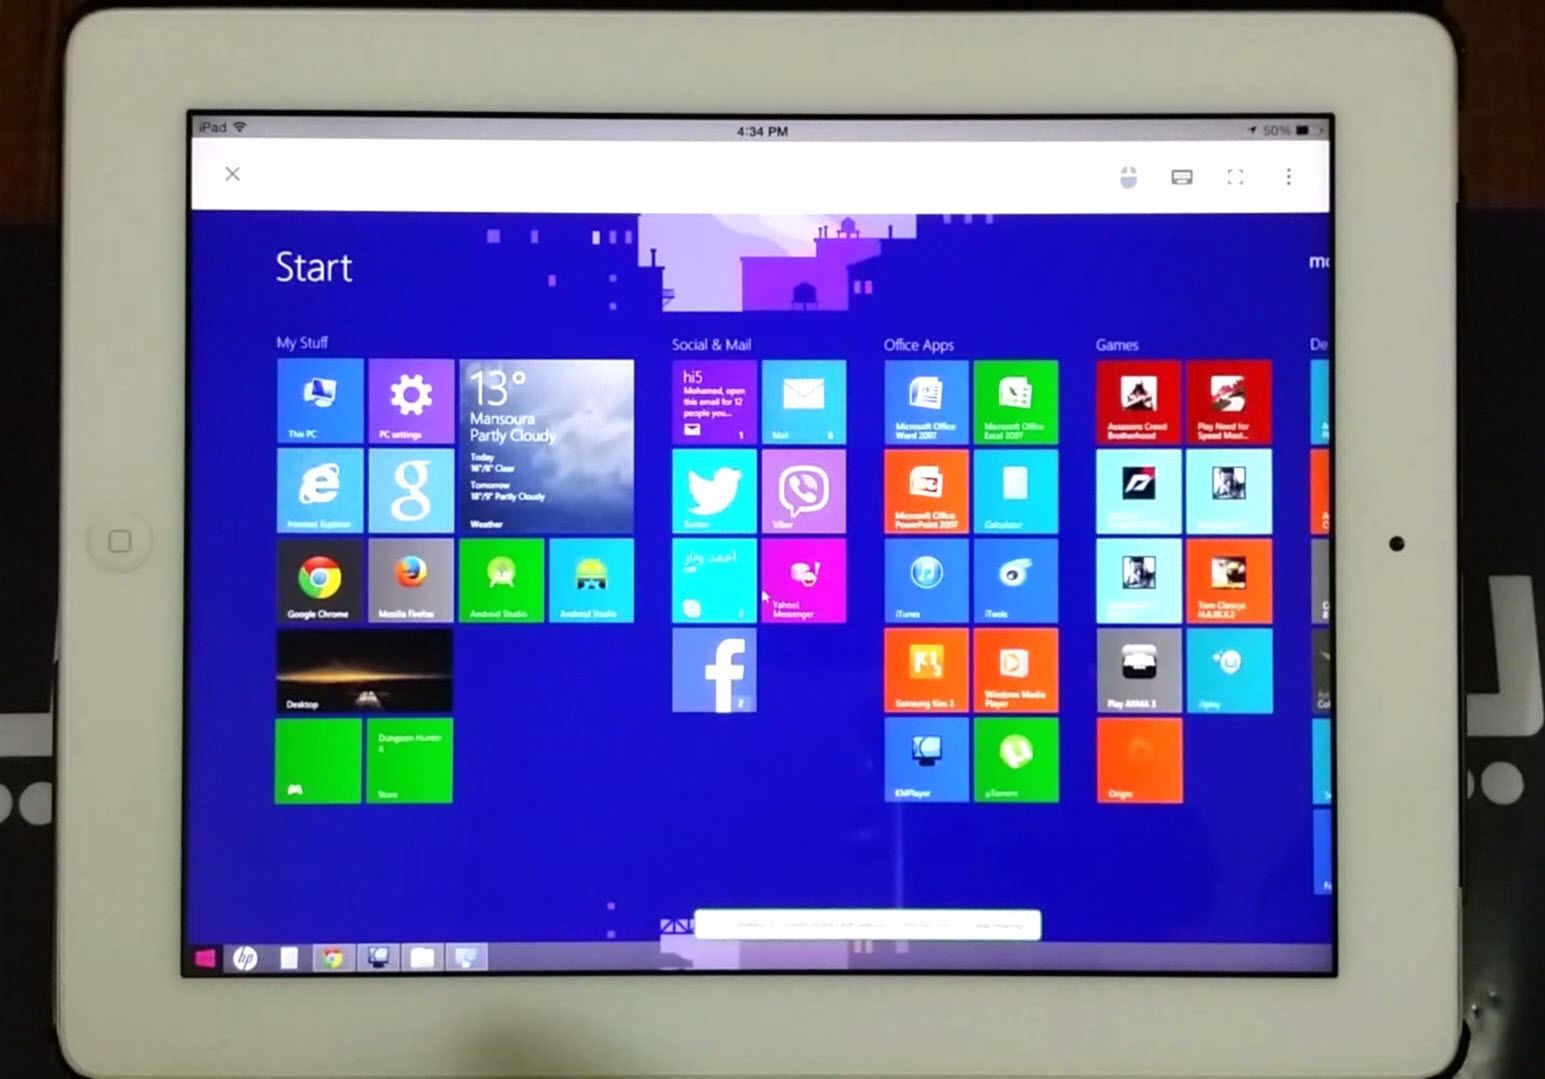 طريقة إستخدام تطبيق Chrome Remote Desktop للتحكم في الحاسب عن بعد من الآيباد أو الآيفون Tablet Desktop Desktop Screenshot